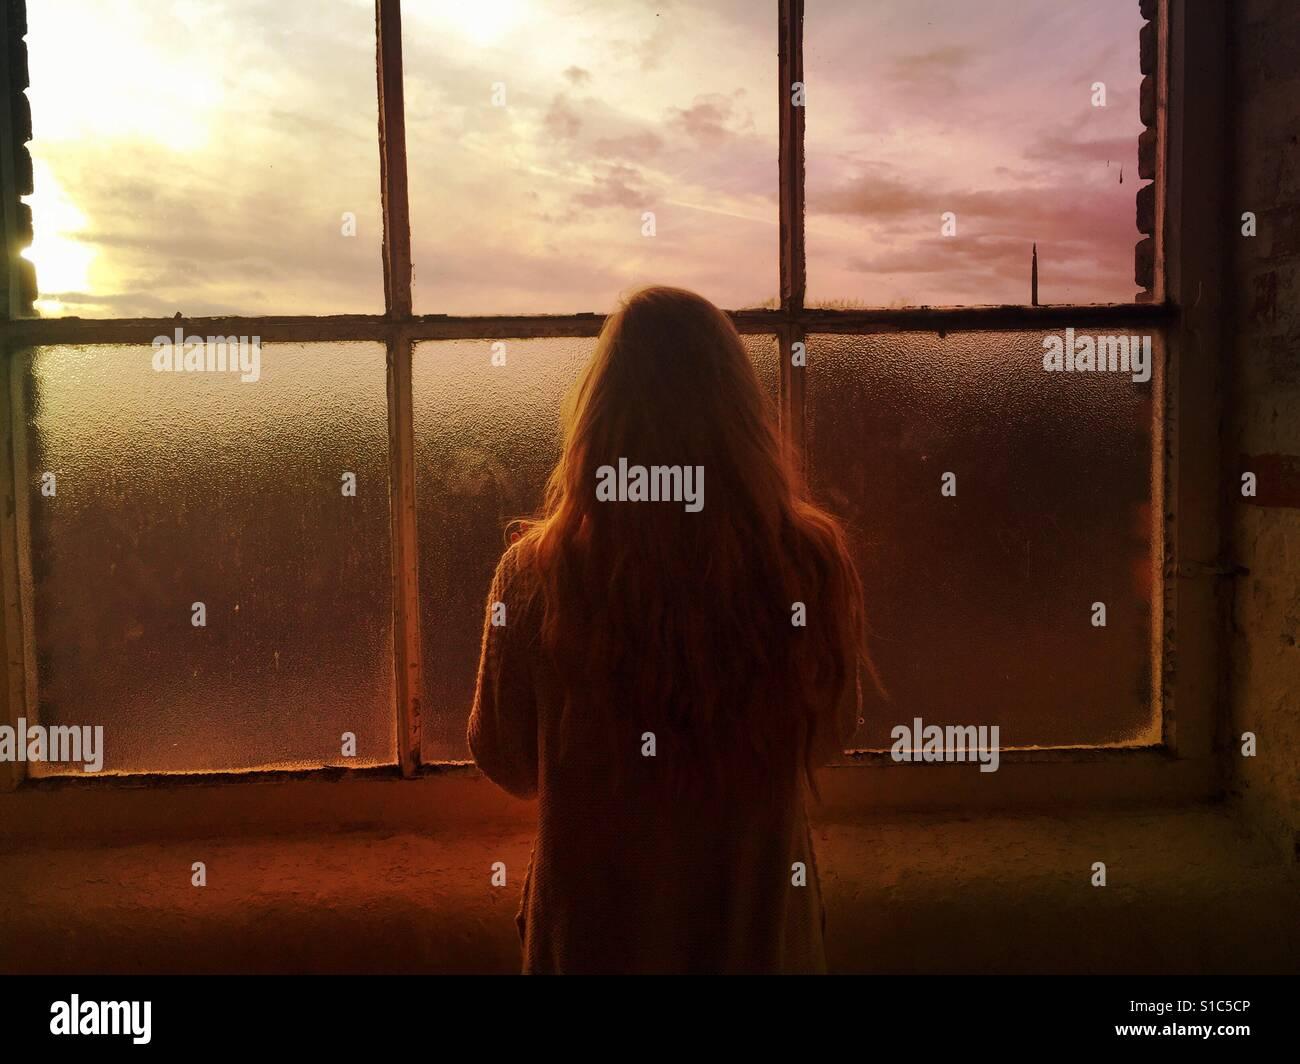 Vista trasera de una mujer solitaria mirando por la ventana al atardecer Imagen De Stock